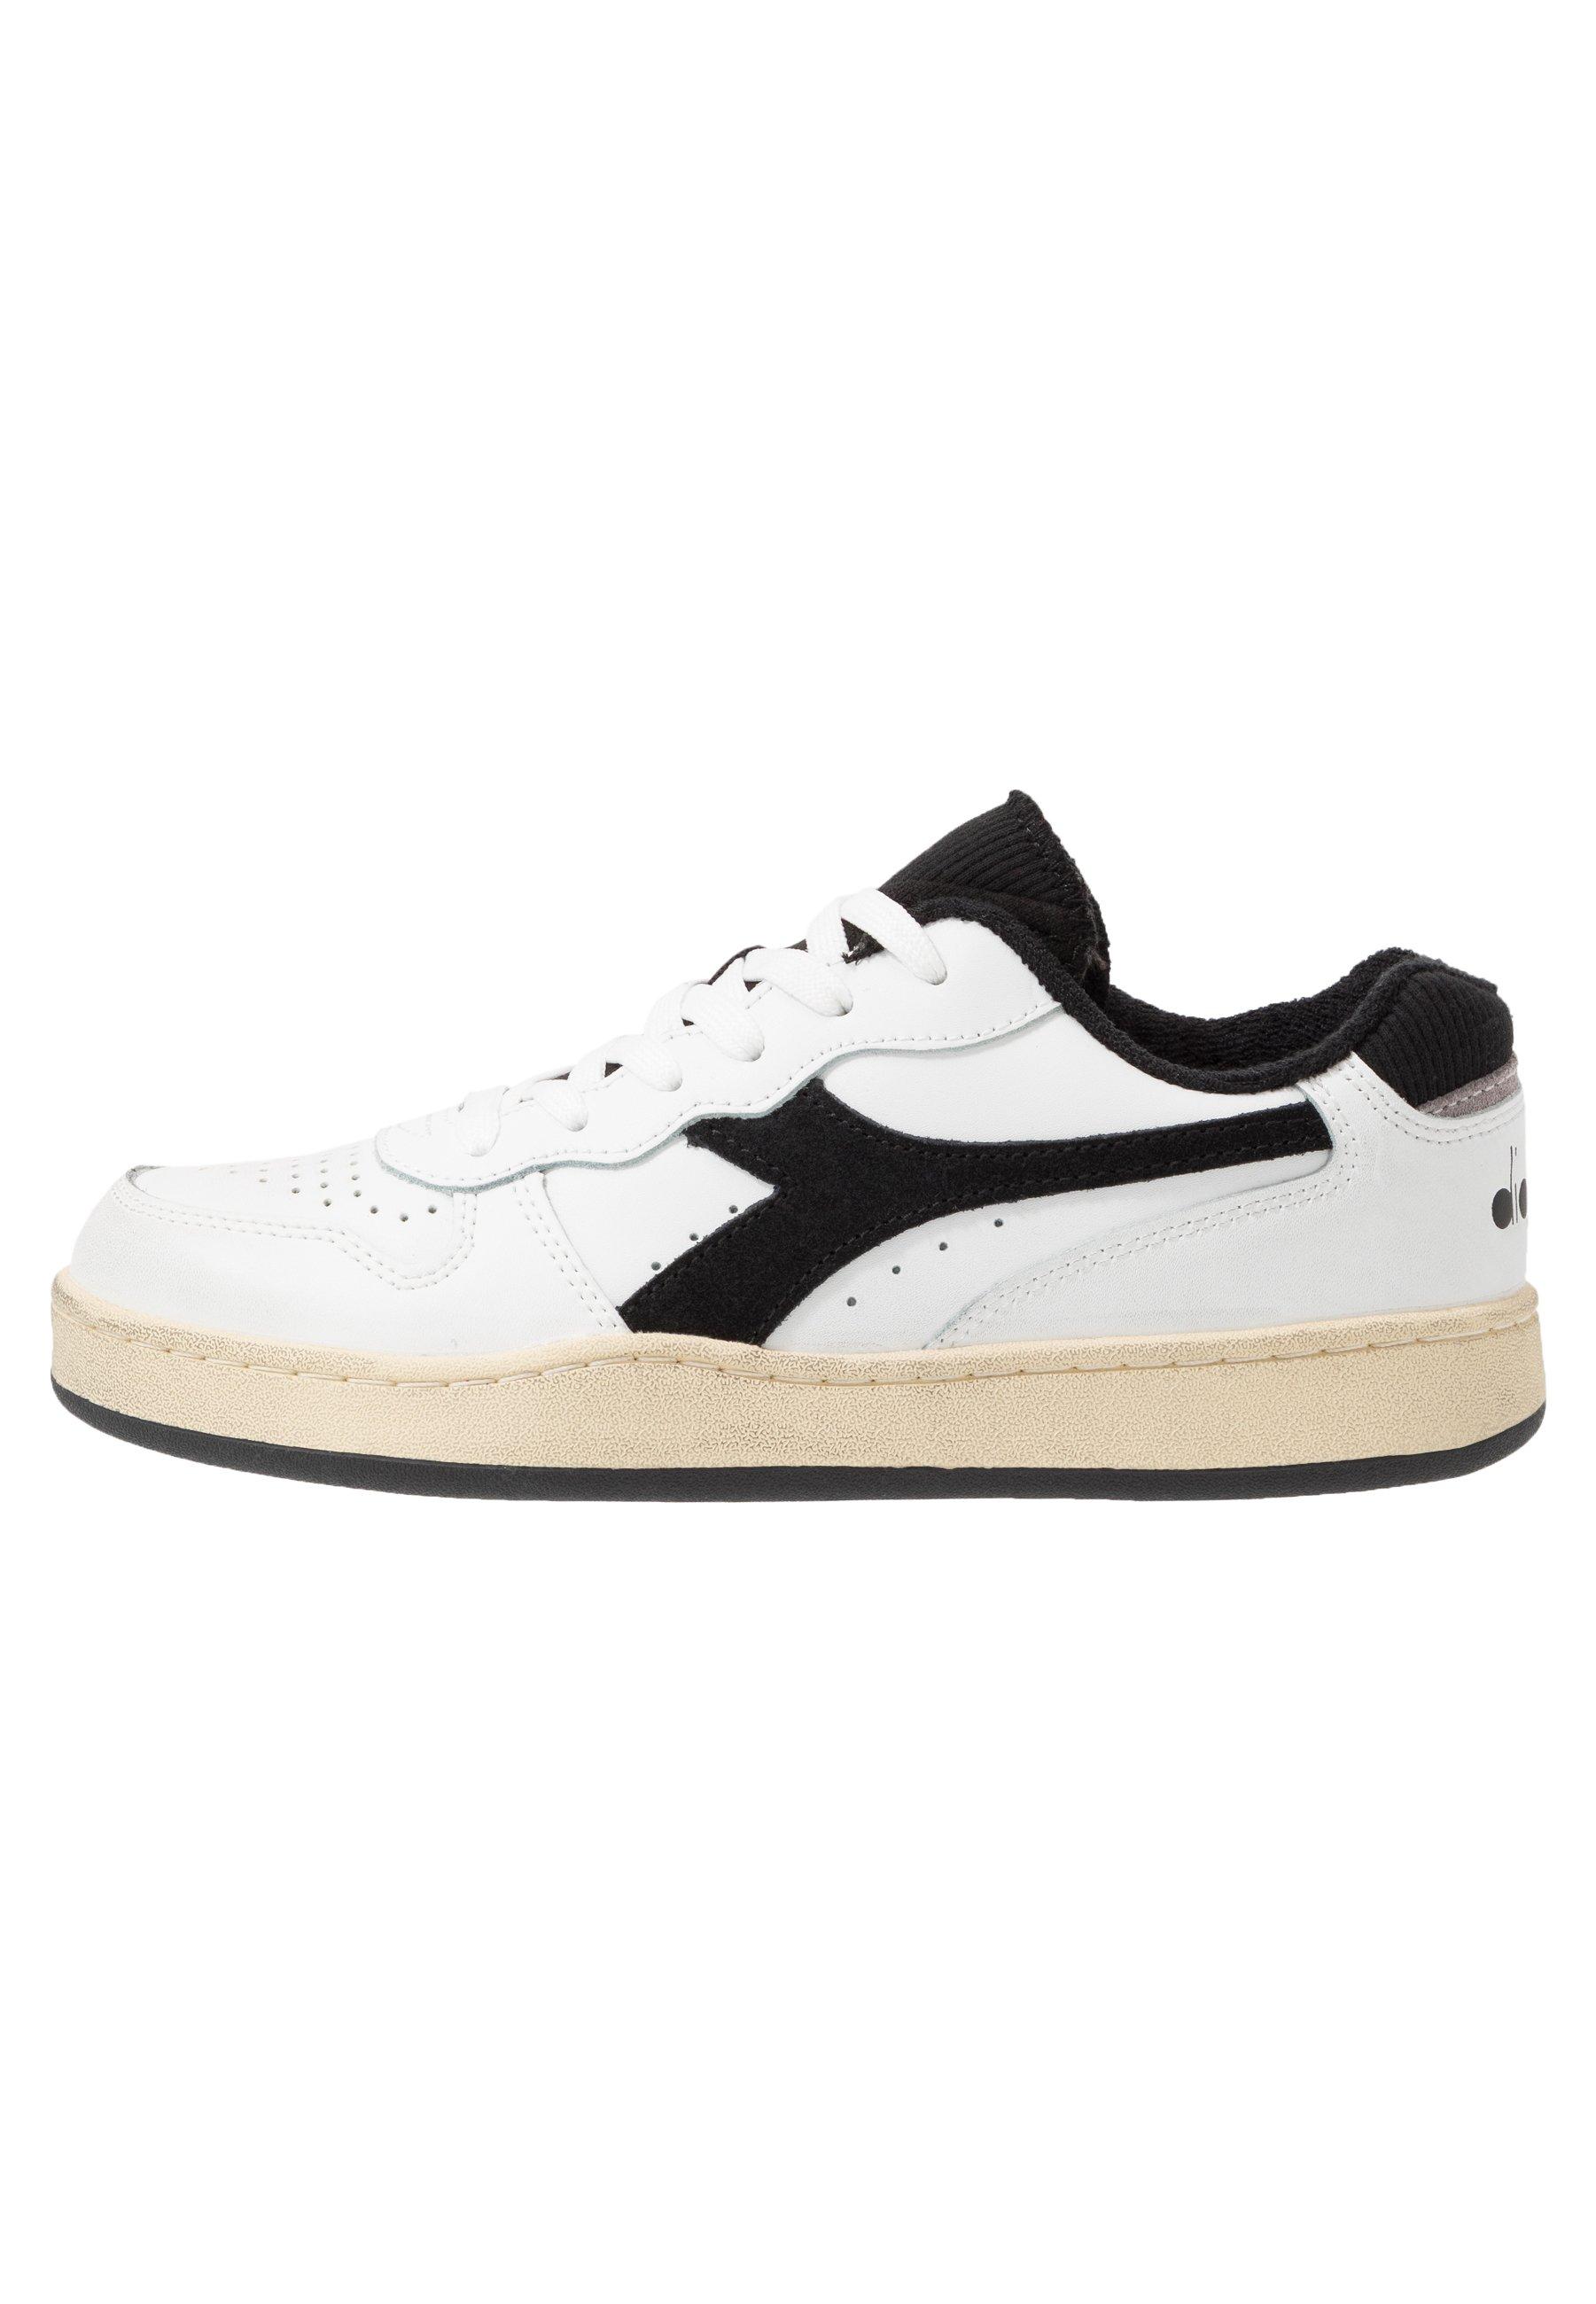 Diadora Basket Used - Sneaker Low White/tomato Puree Black Friday